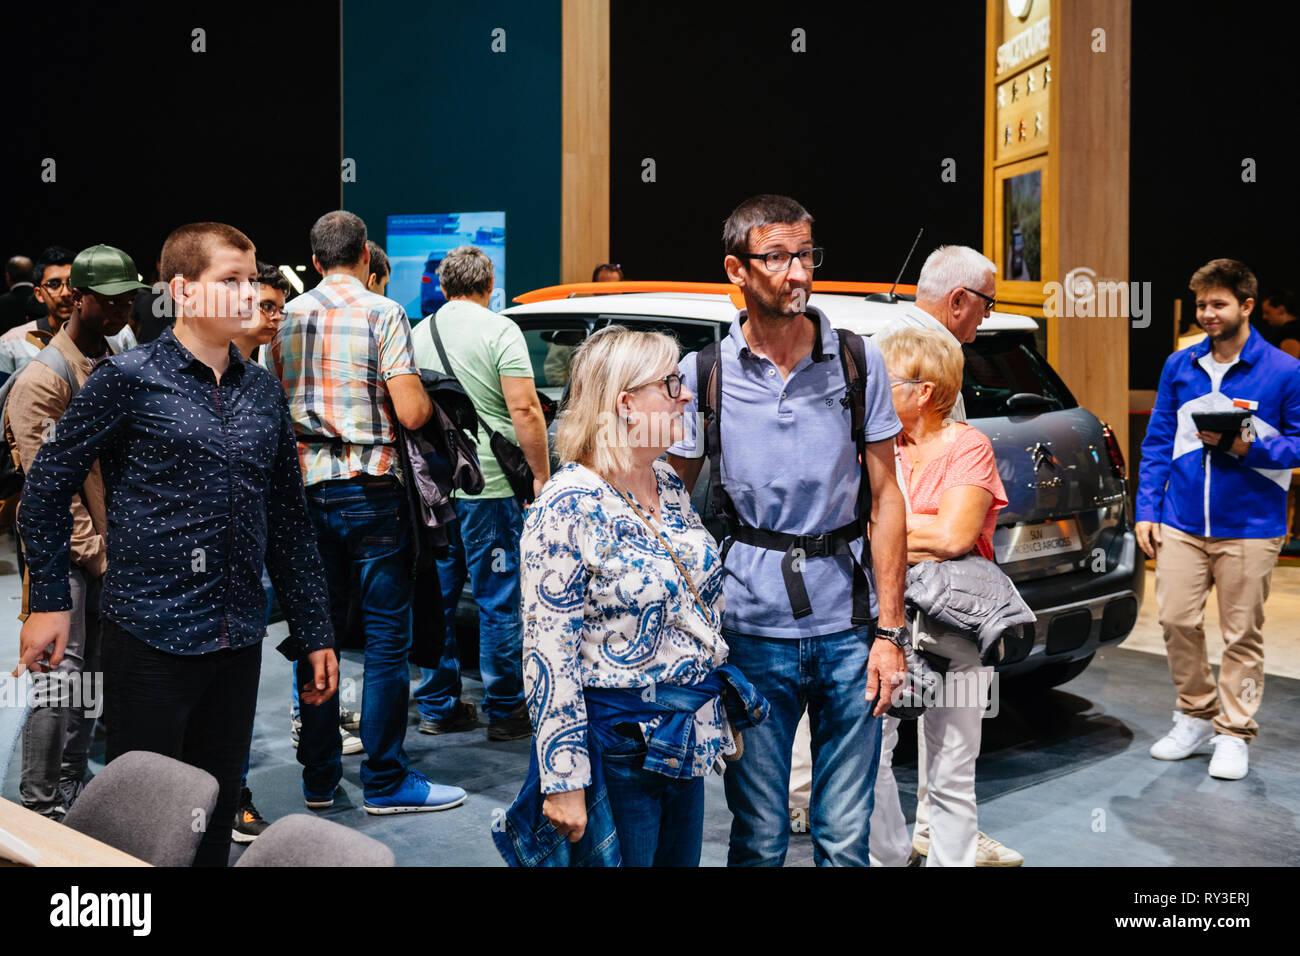 Parigi, Francia - Ott 4, 2018: i clienti e le persone curiose di ammirare i nuovi modelli di esposizione Auto Mondial Motor Show di Parigi, modello prodotto dalla vettura francese maker Immagini Stock